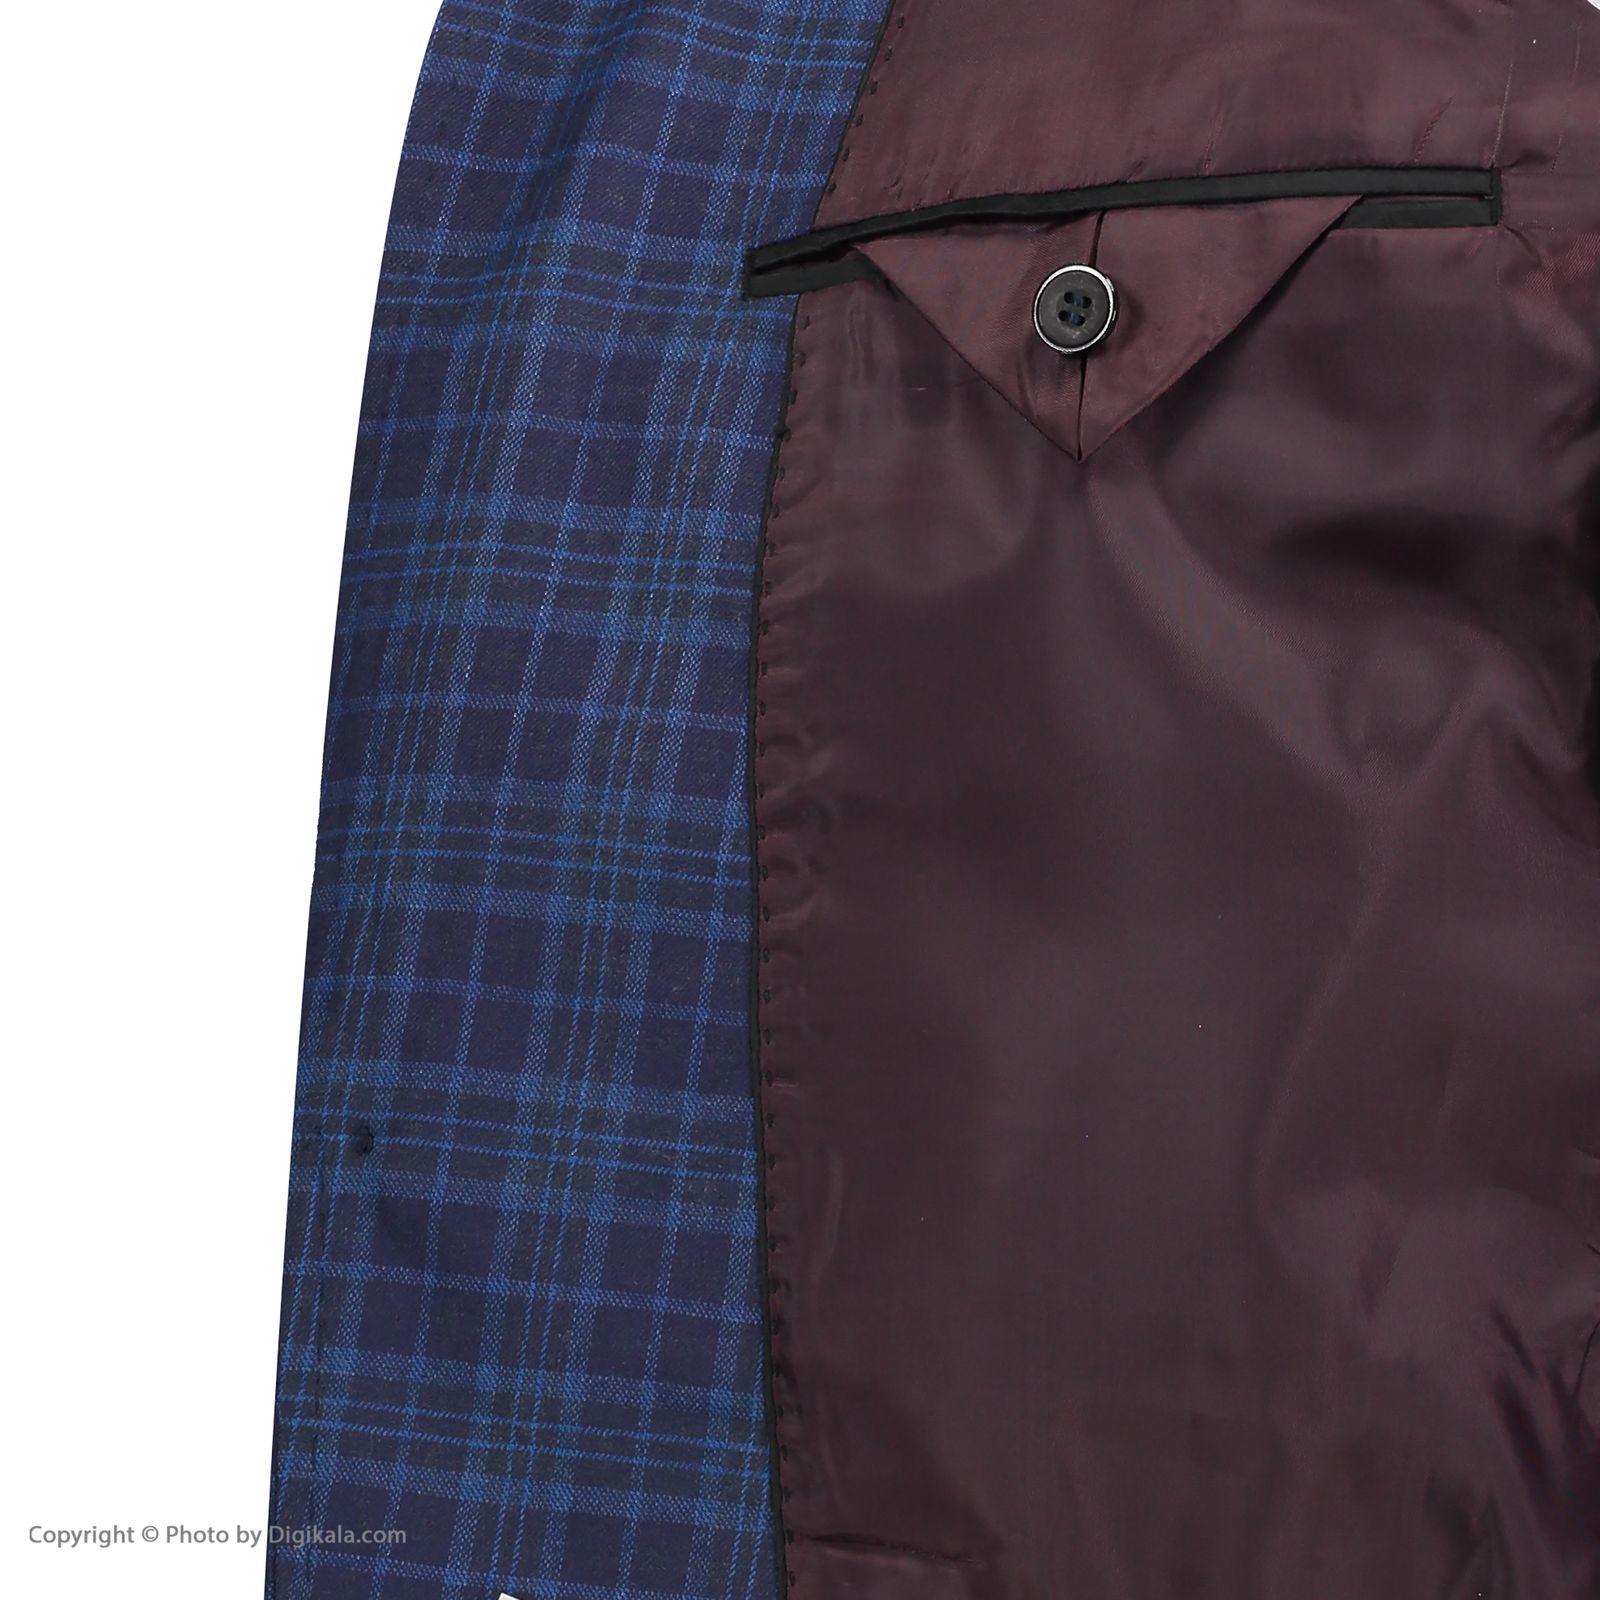 کت تک مردانه گراد کد 0019 -  - 6